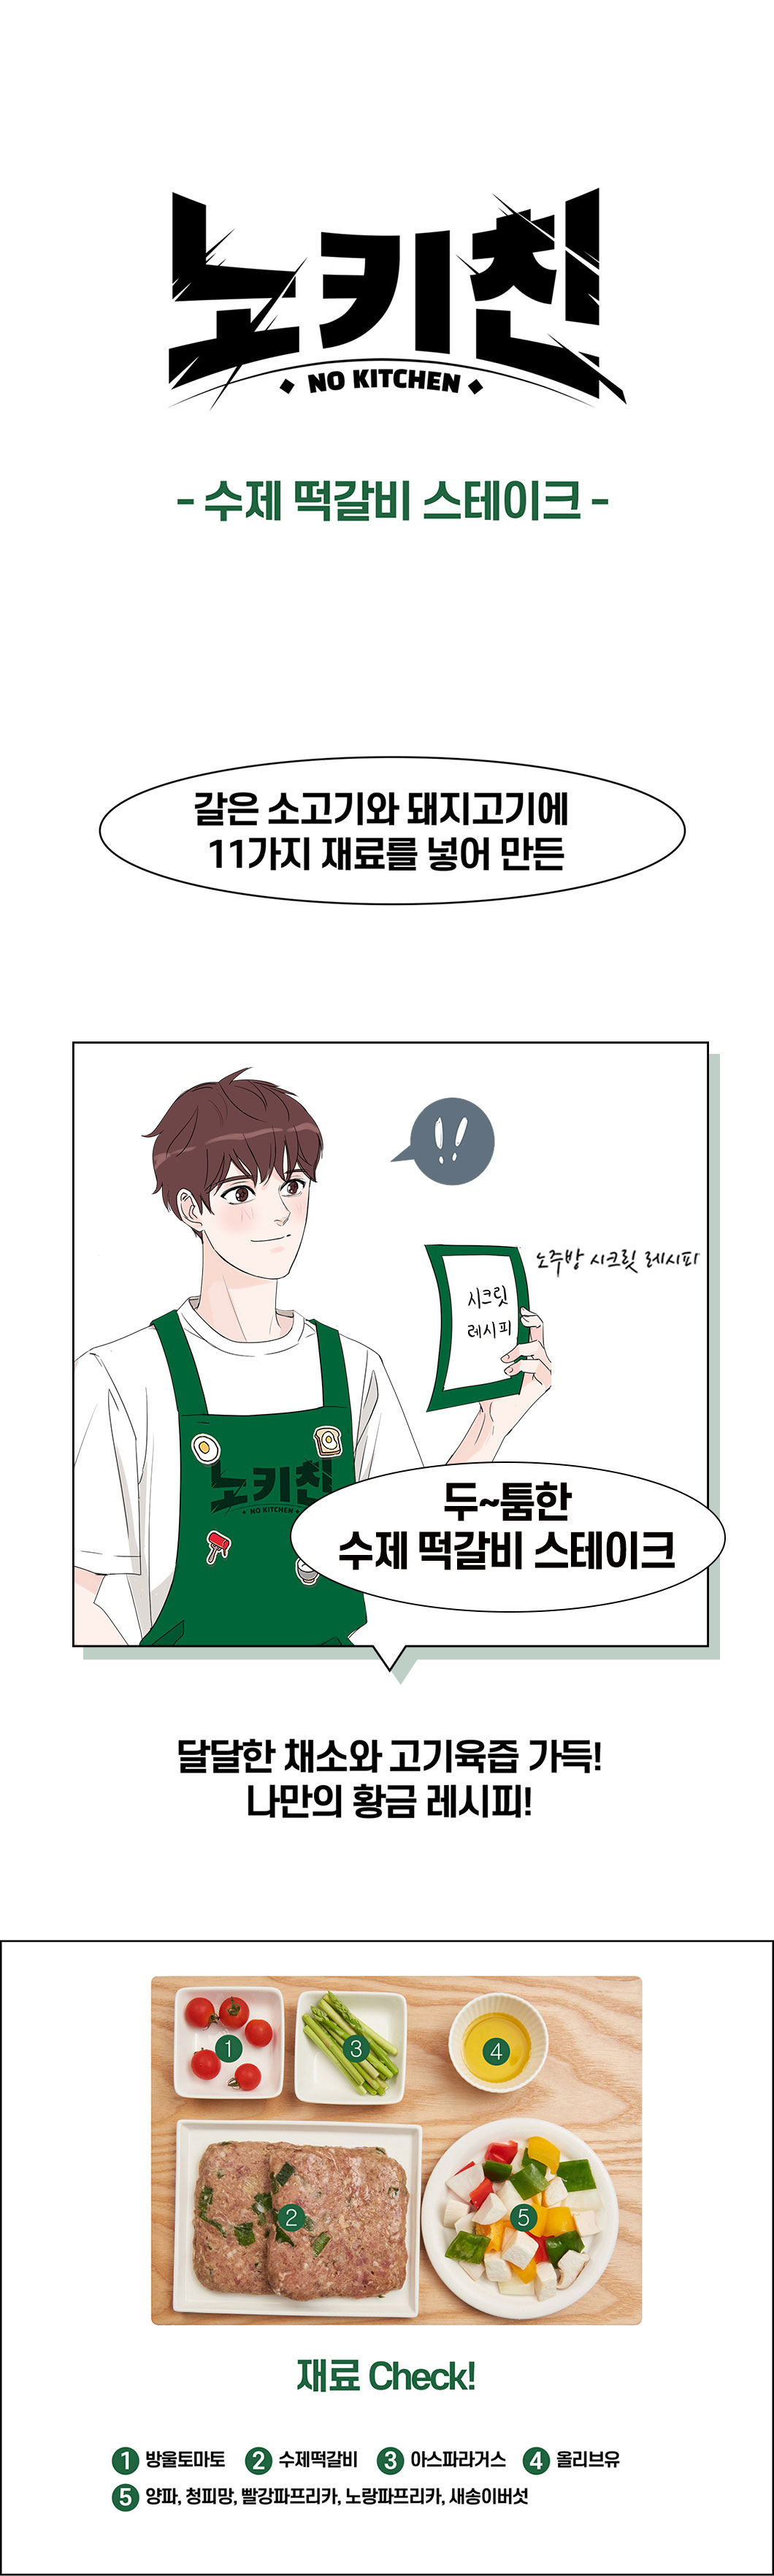 떡갈비_하단1060_01.jpg